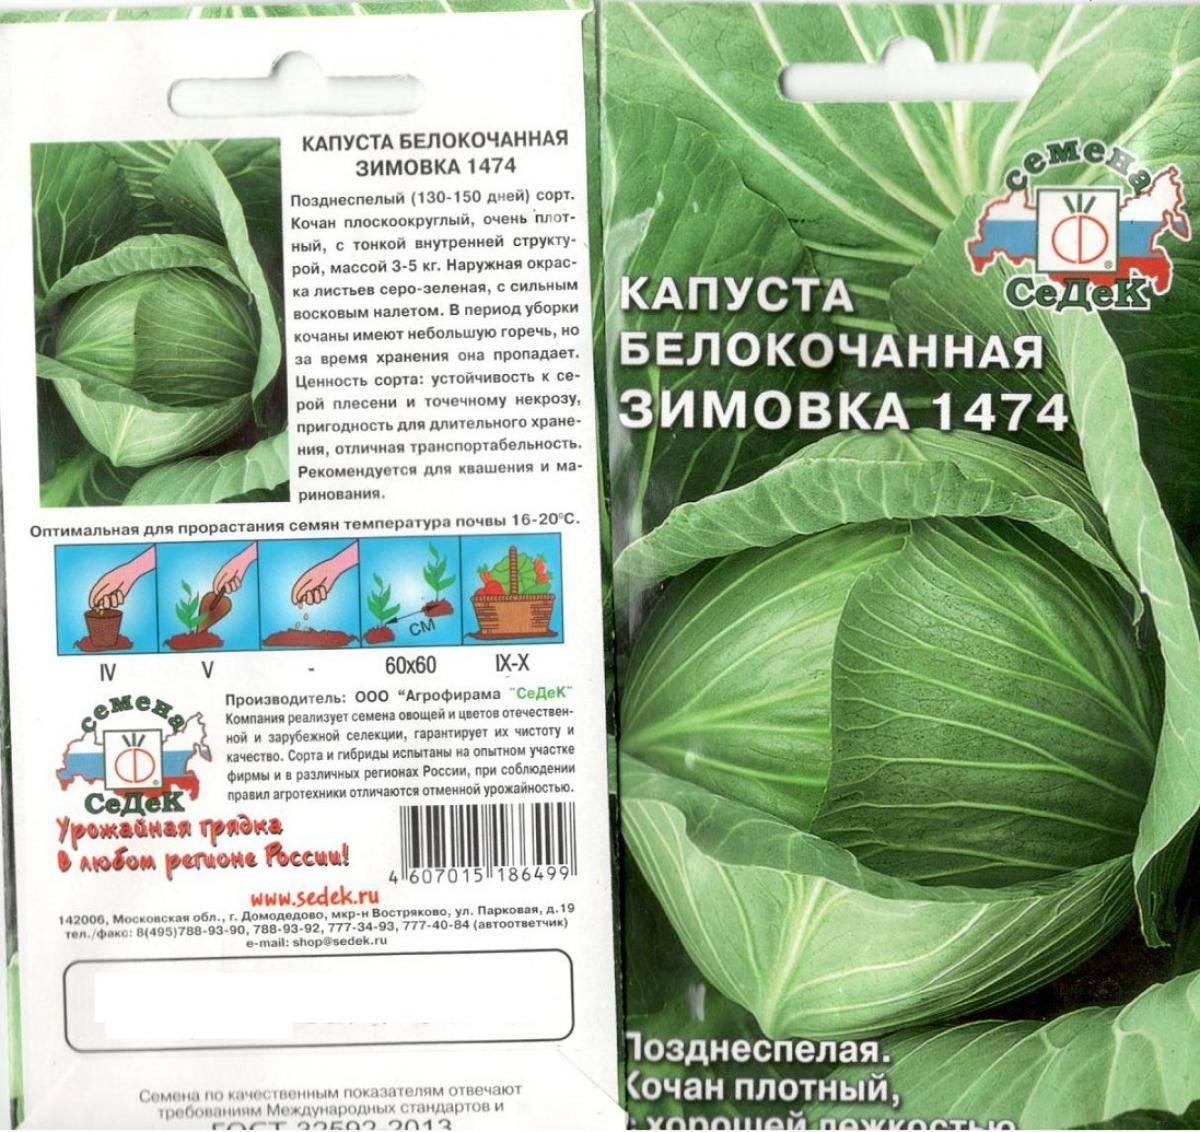 Описание и характеристика позднего сорта капусты зимовка